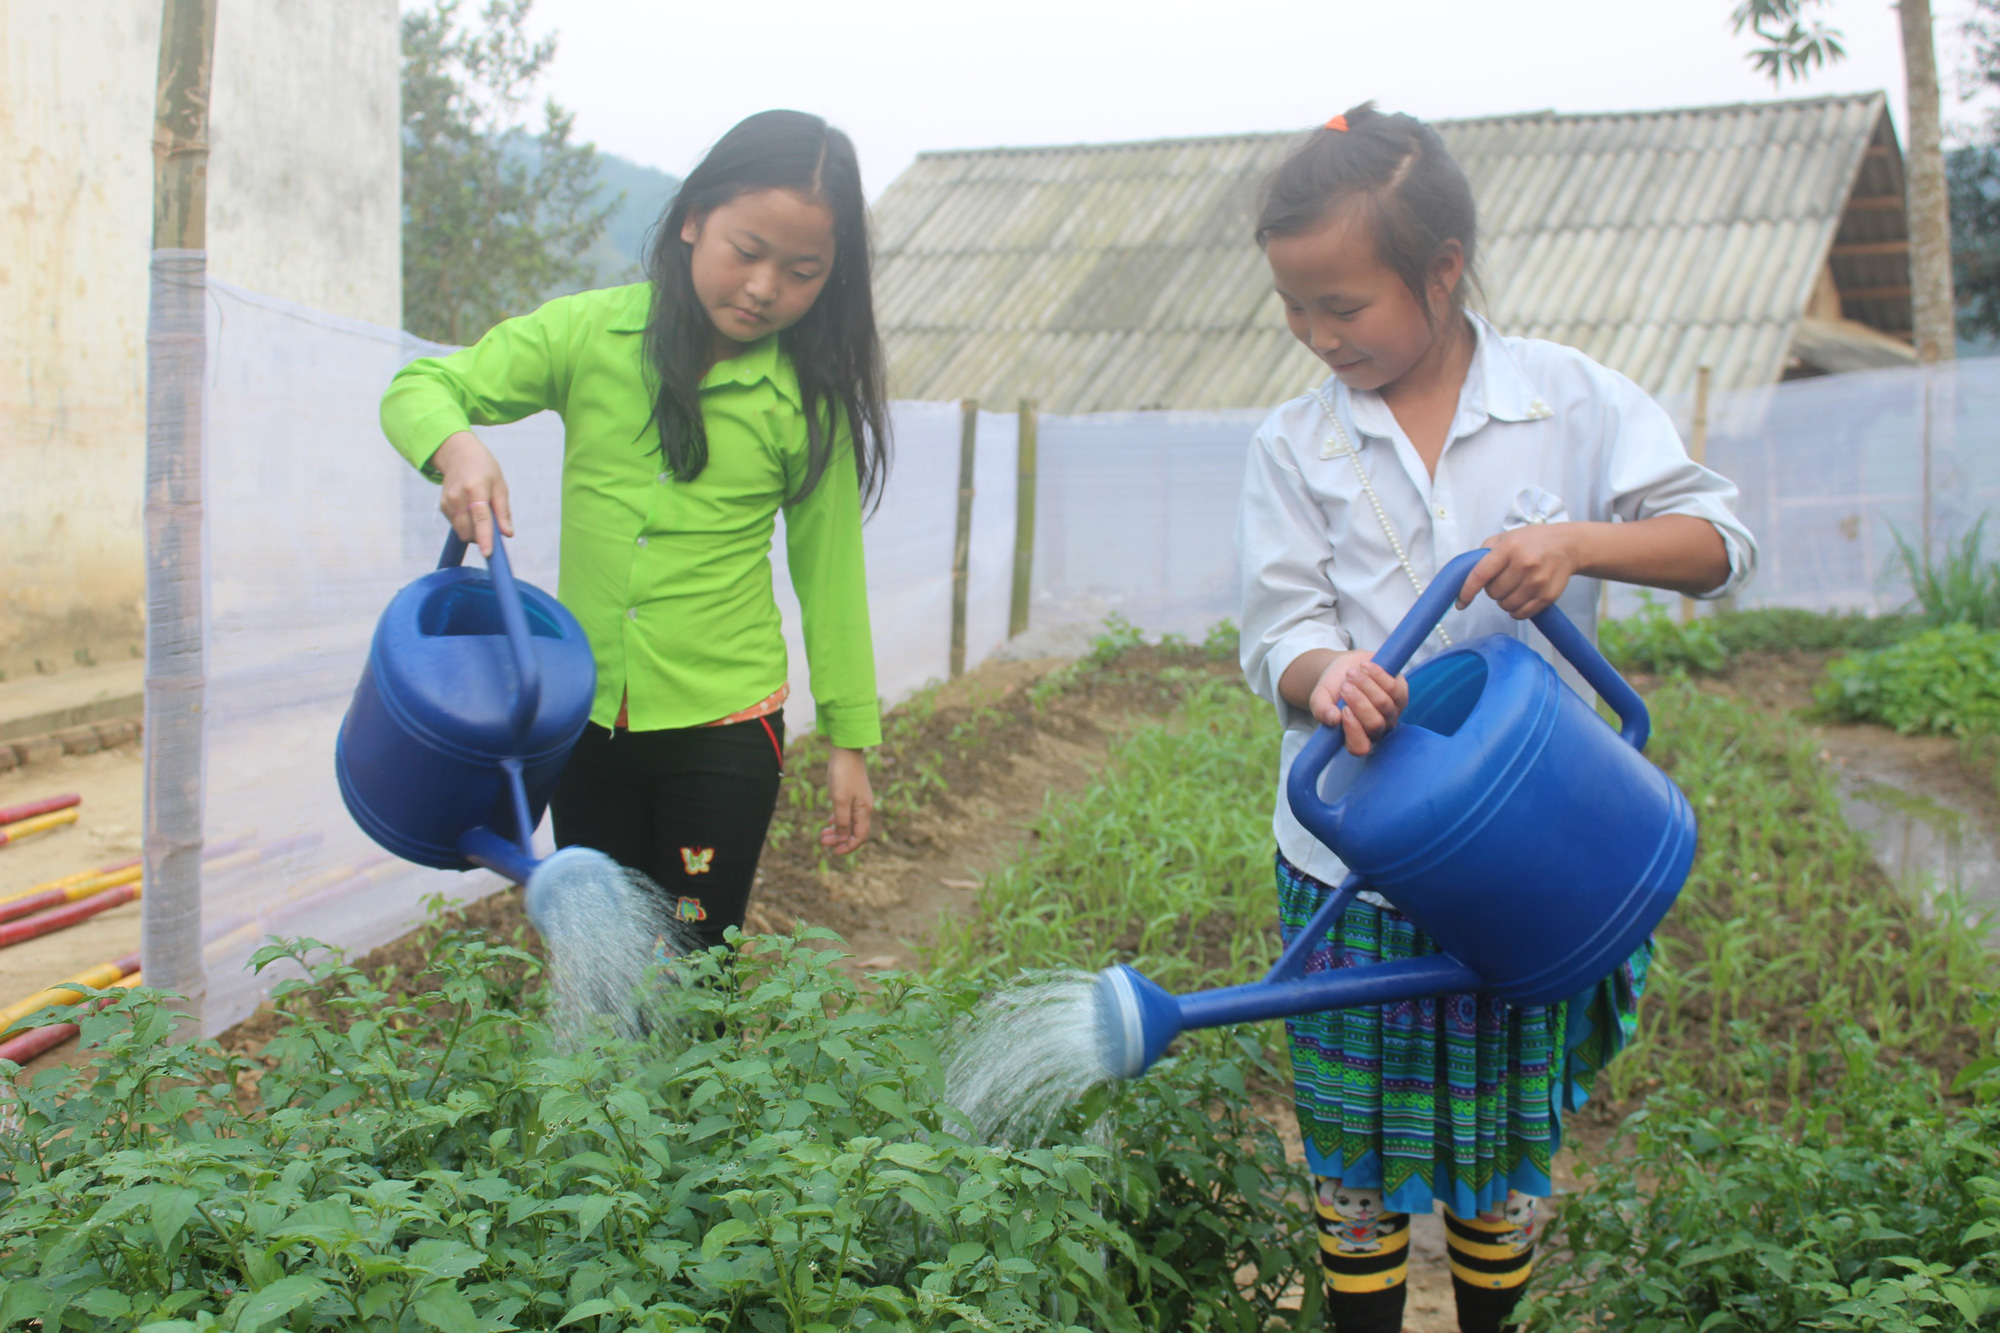 Dân Việt - Hành trình  10 năm thiện nguyện - Ảnh 6.